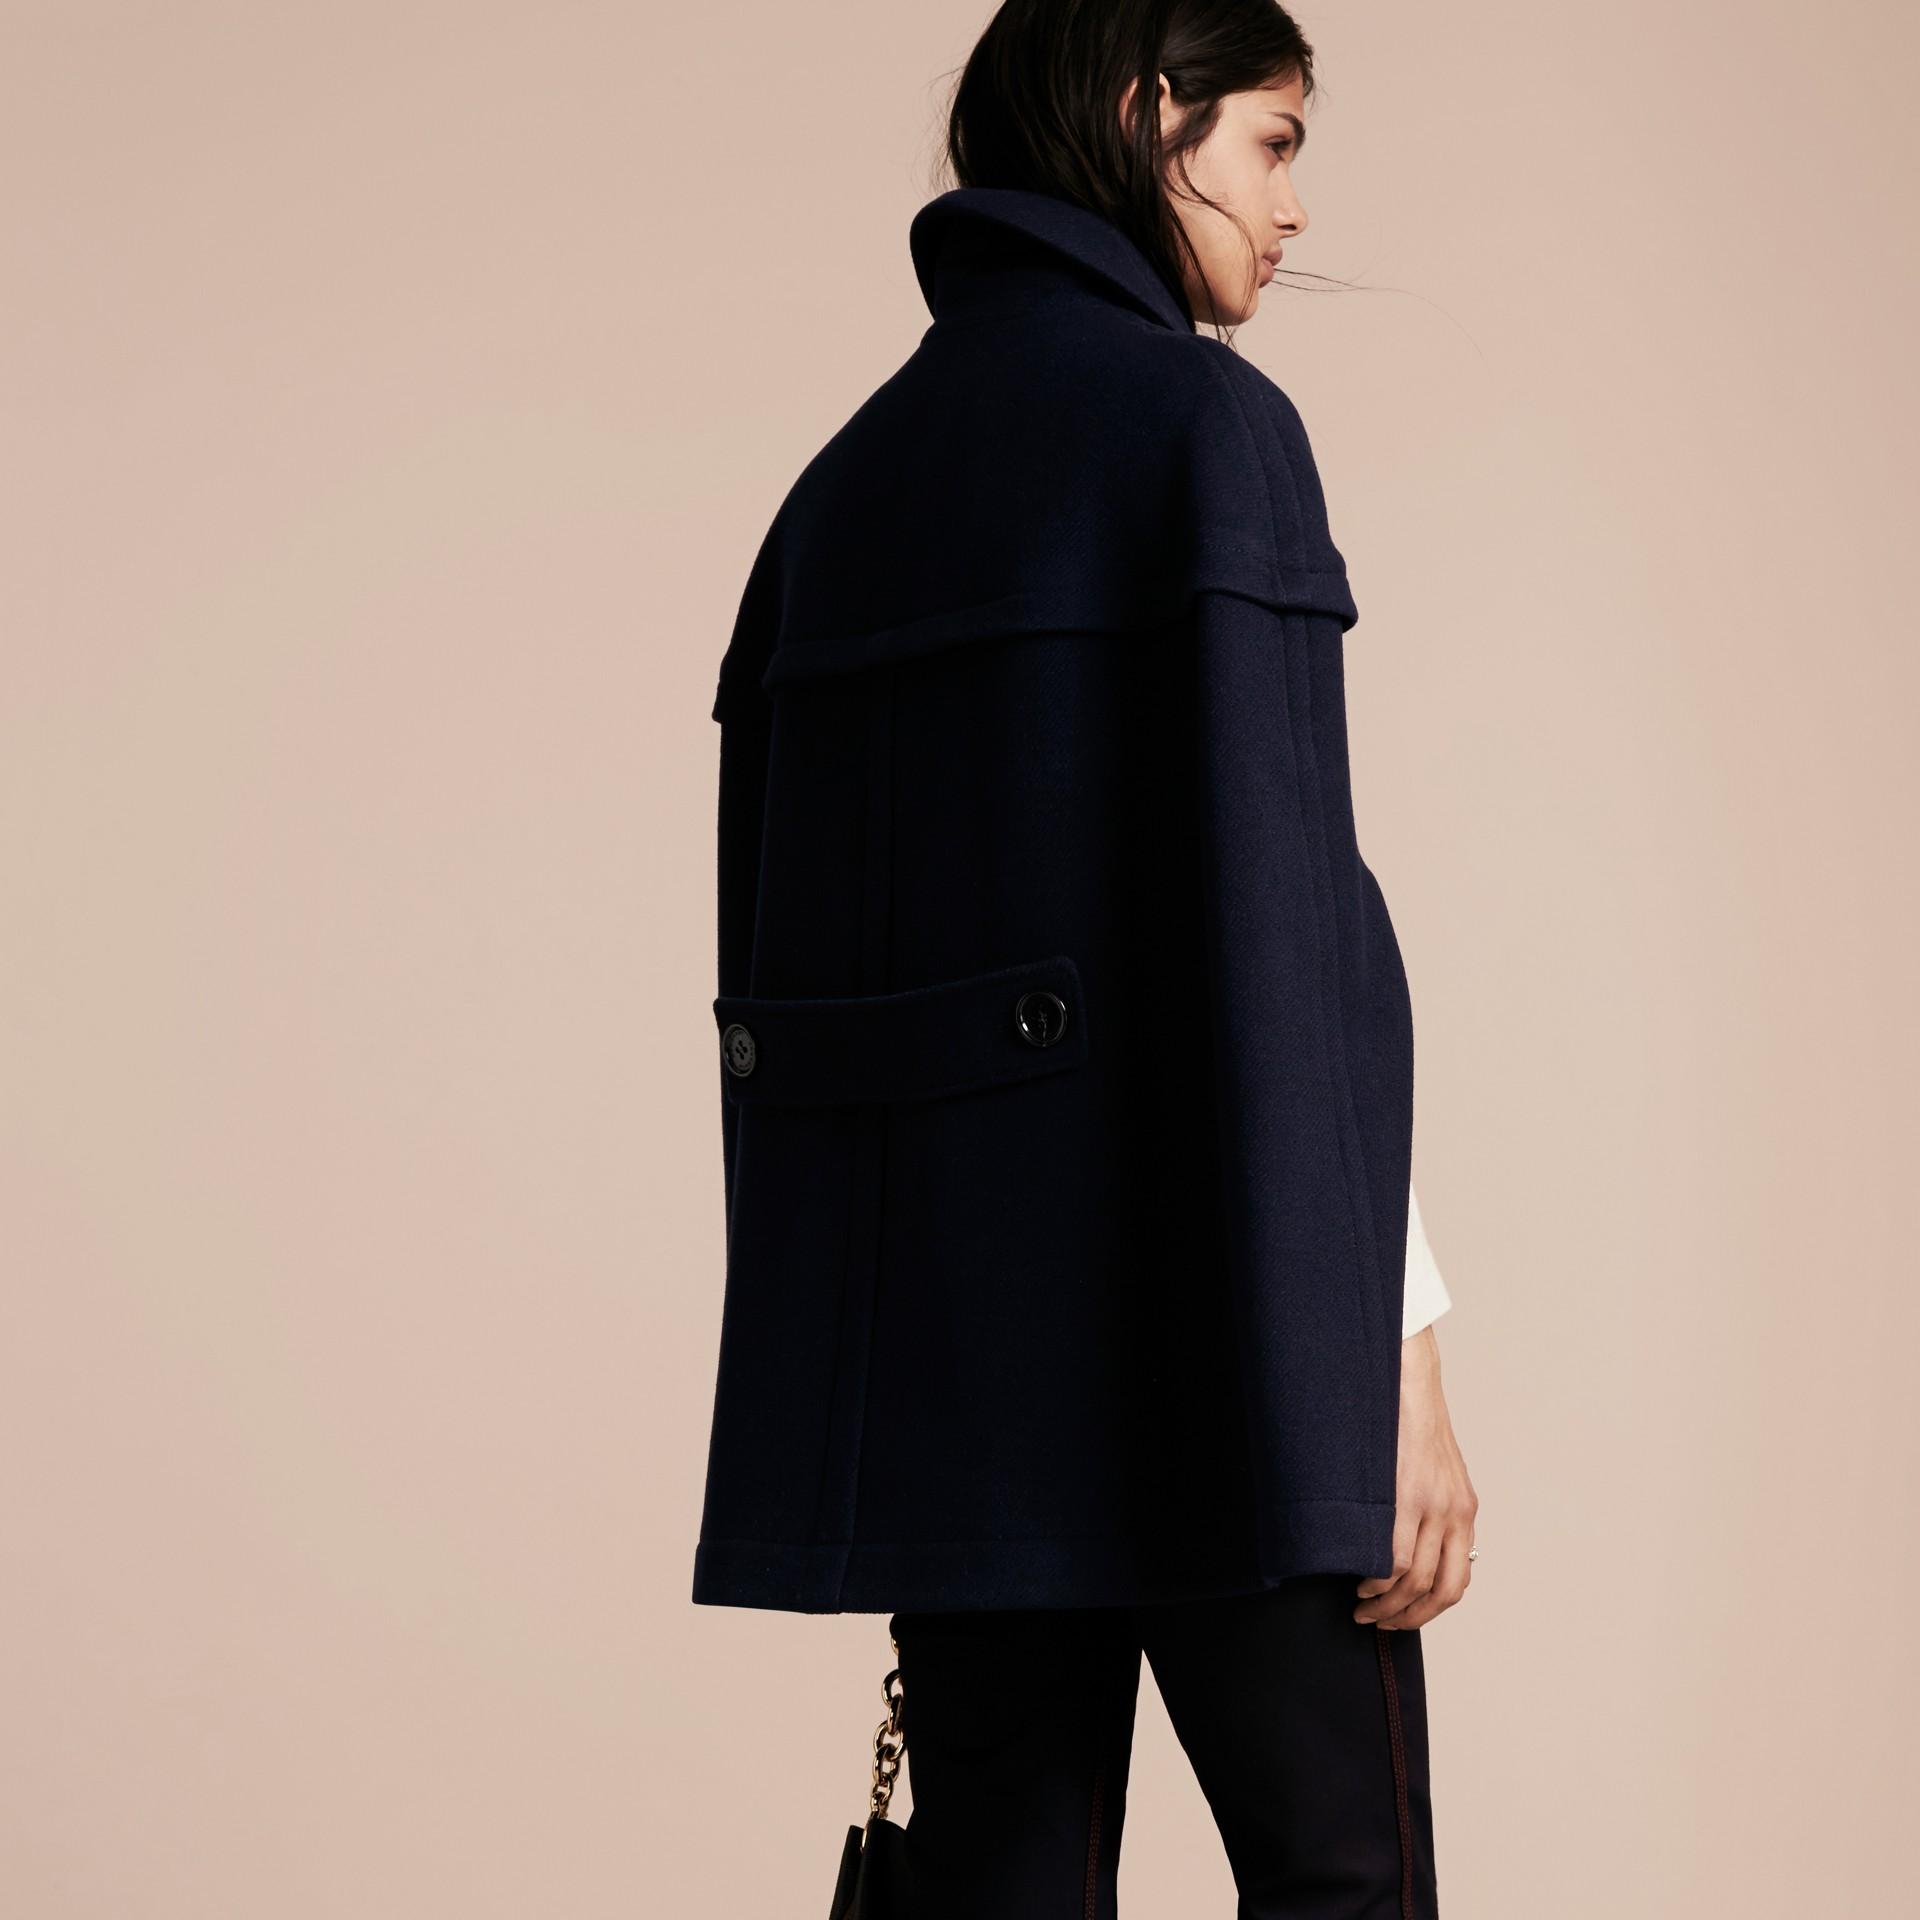 Marine Cape style duffle-coat en laine et cachemire Marine - photo de la galerie 3